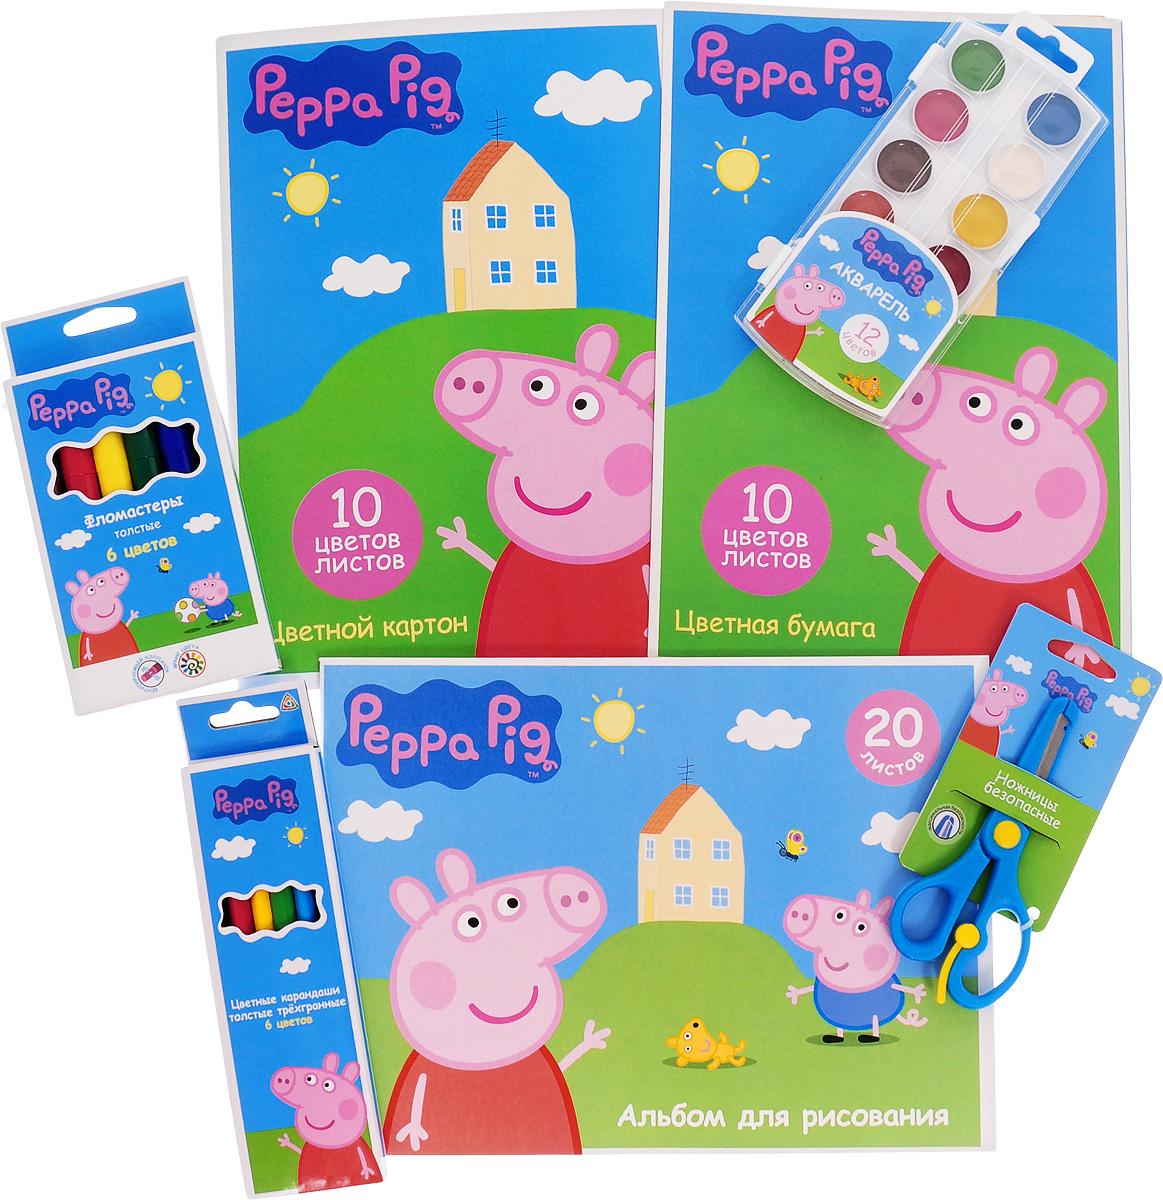 Peppa Pig Набор для детского творчества 7 предметов -  Канцелярские наборы